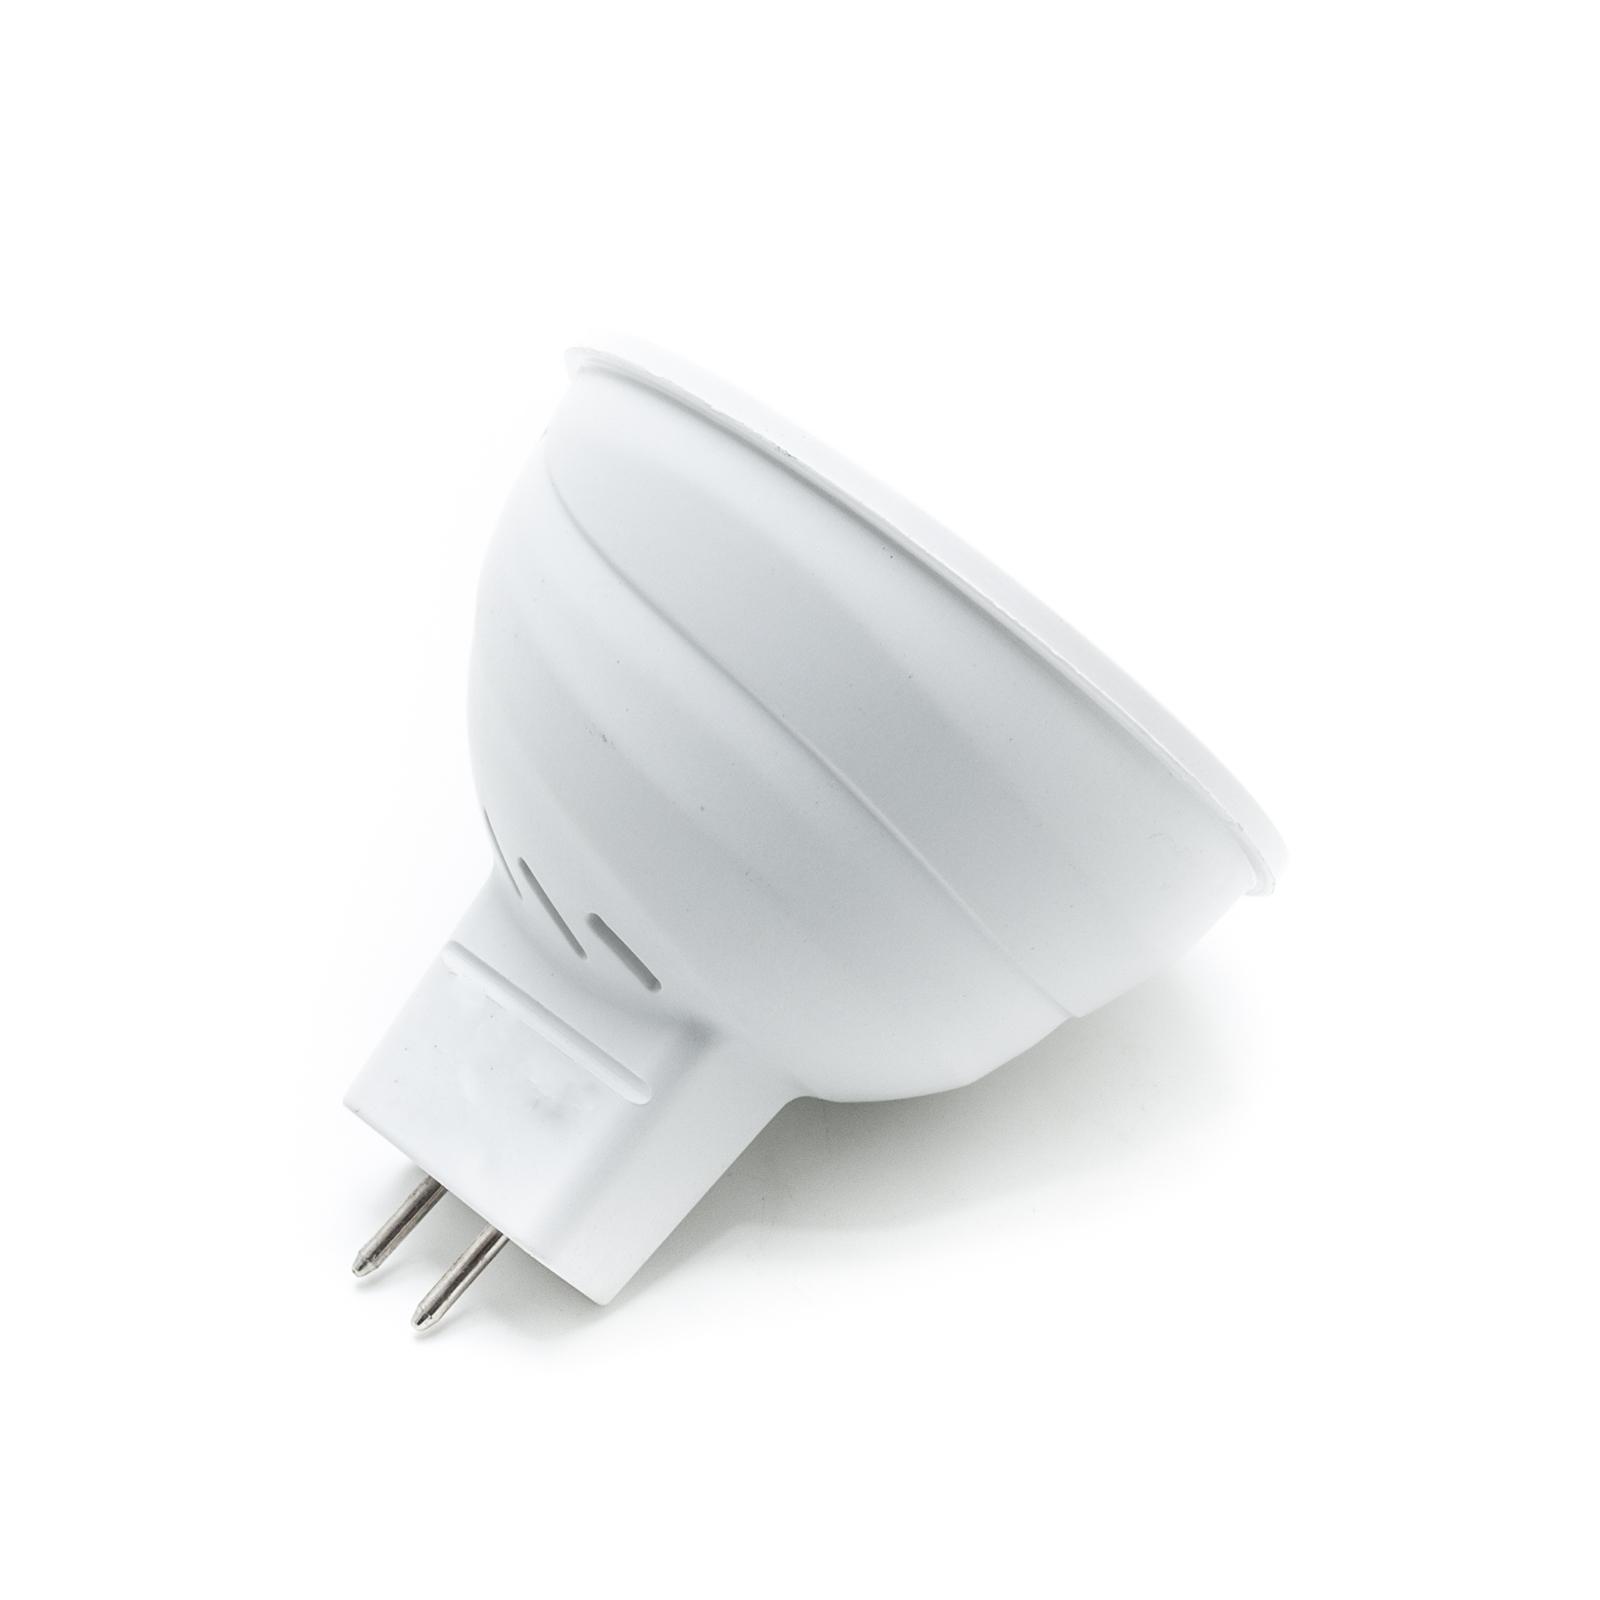 Lampada Per Faretto A Led.Dettagli Su 10 X Lampada Faretto Led Gu5 3 Mr16 7w 160 Gradi 560 Lumen Luce Diffusa 12v 7w